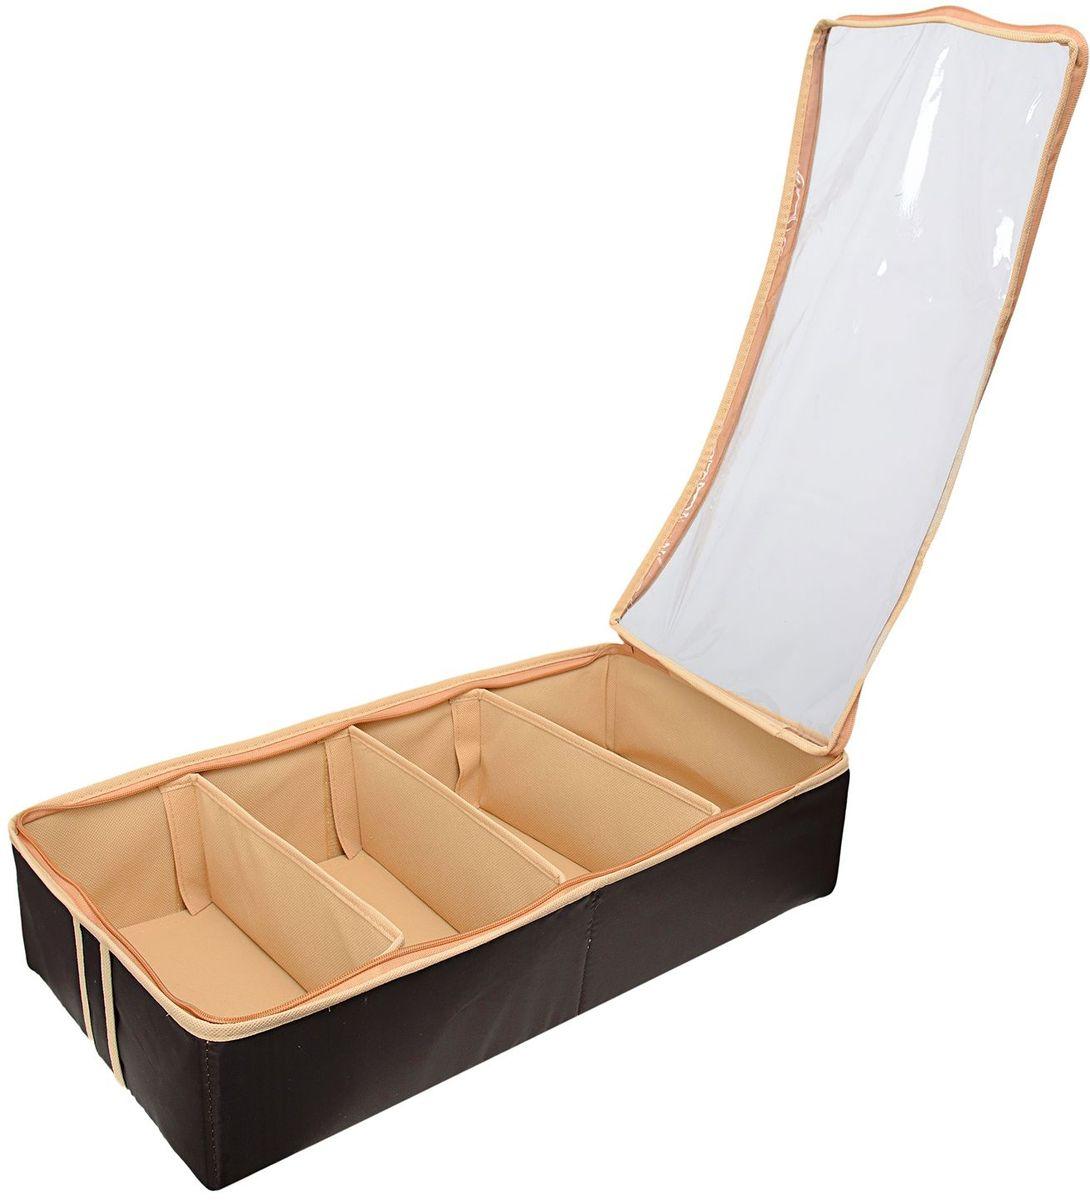 Органайзер Homsu Costa-Rica, для обуви на 4 бокса, 51х25х12 см, цвет: коричневыйHOM-752Очень удобный способ хранить сезонную обувь. Четыре отделения размером 10Х5см вмещают 4 пары обуви. Органайзер плоский, удобно хранить под кроватью или диваном. Внутренние секции можно моделировать под размеры обуви, например высокие сапоги. Имеет жесткие борта, что является гарантией сохранности вещей. Размер изделия: 51х25х12см.